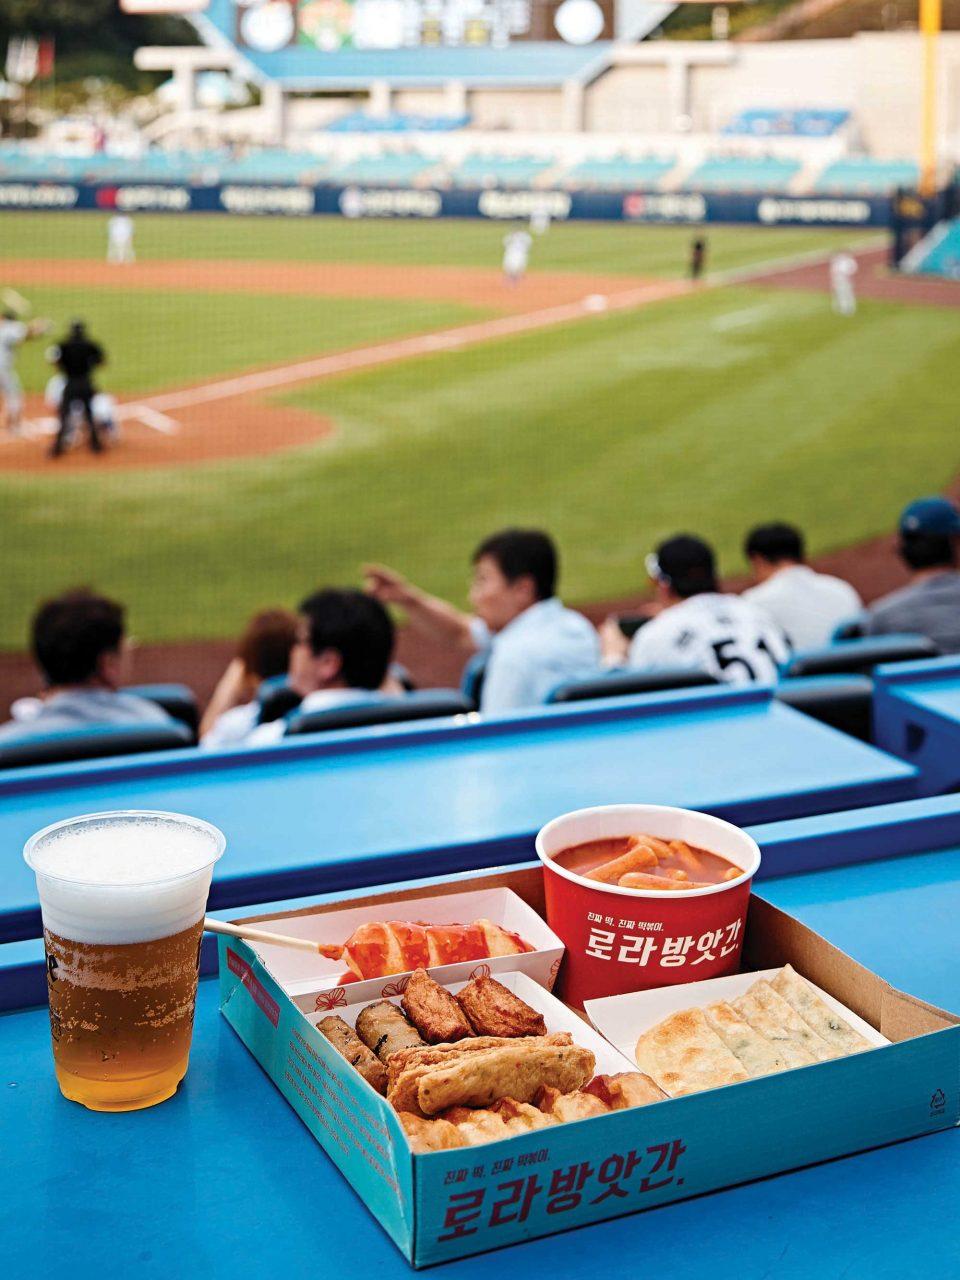 로라방앗간의 만루홈런세트와 시원한 맥주면 경기가 끝날 때까지 든든하다.